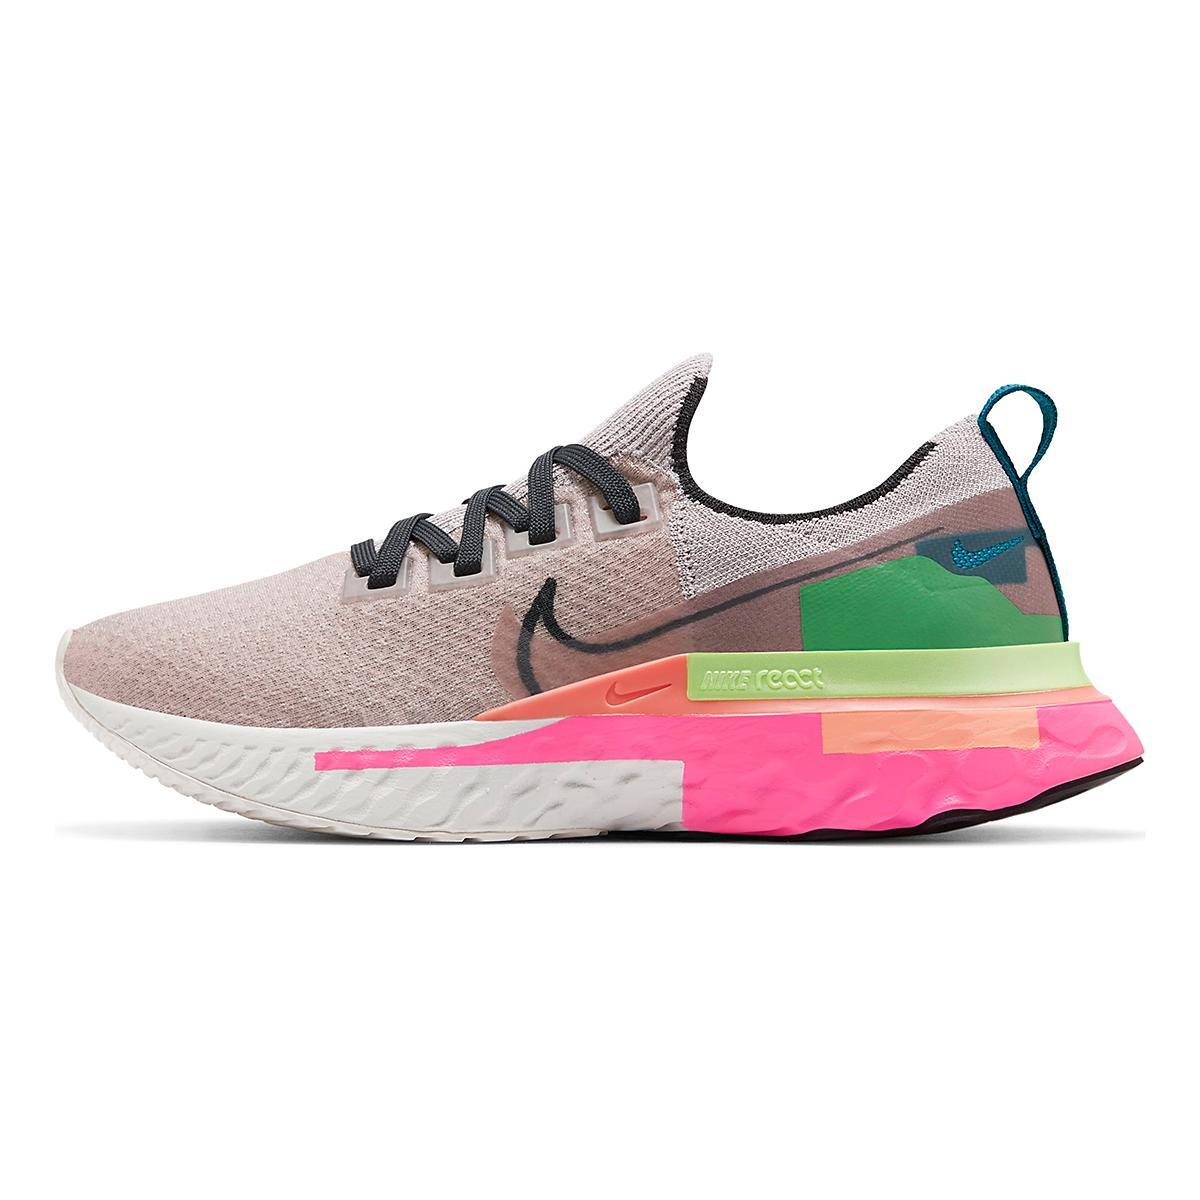 Women's Nike React Infinity Run Flyknit Running Shoe - Color: Violet Ash/Smoke Grey/Pink Blast - Size: 5 - Width: Regular, Violet Ash/Smoke Grey/Pink Blast, large, image 2